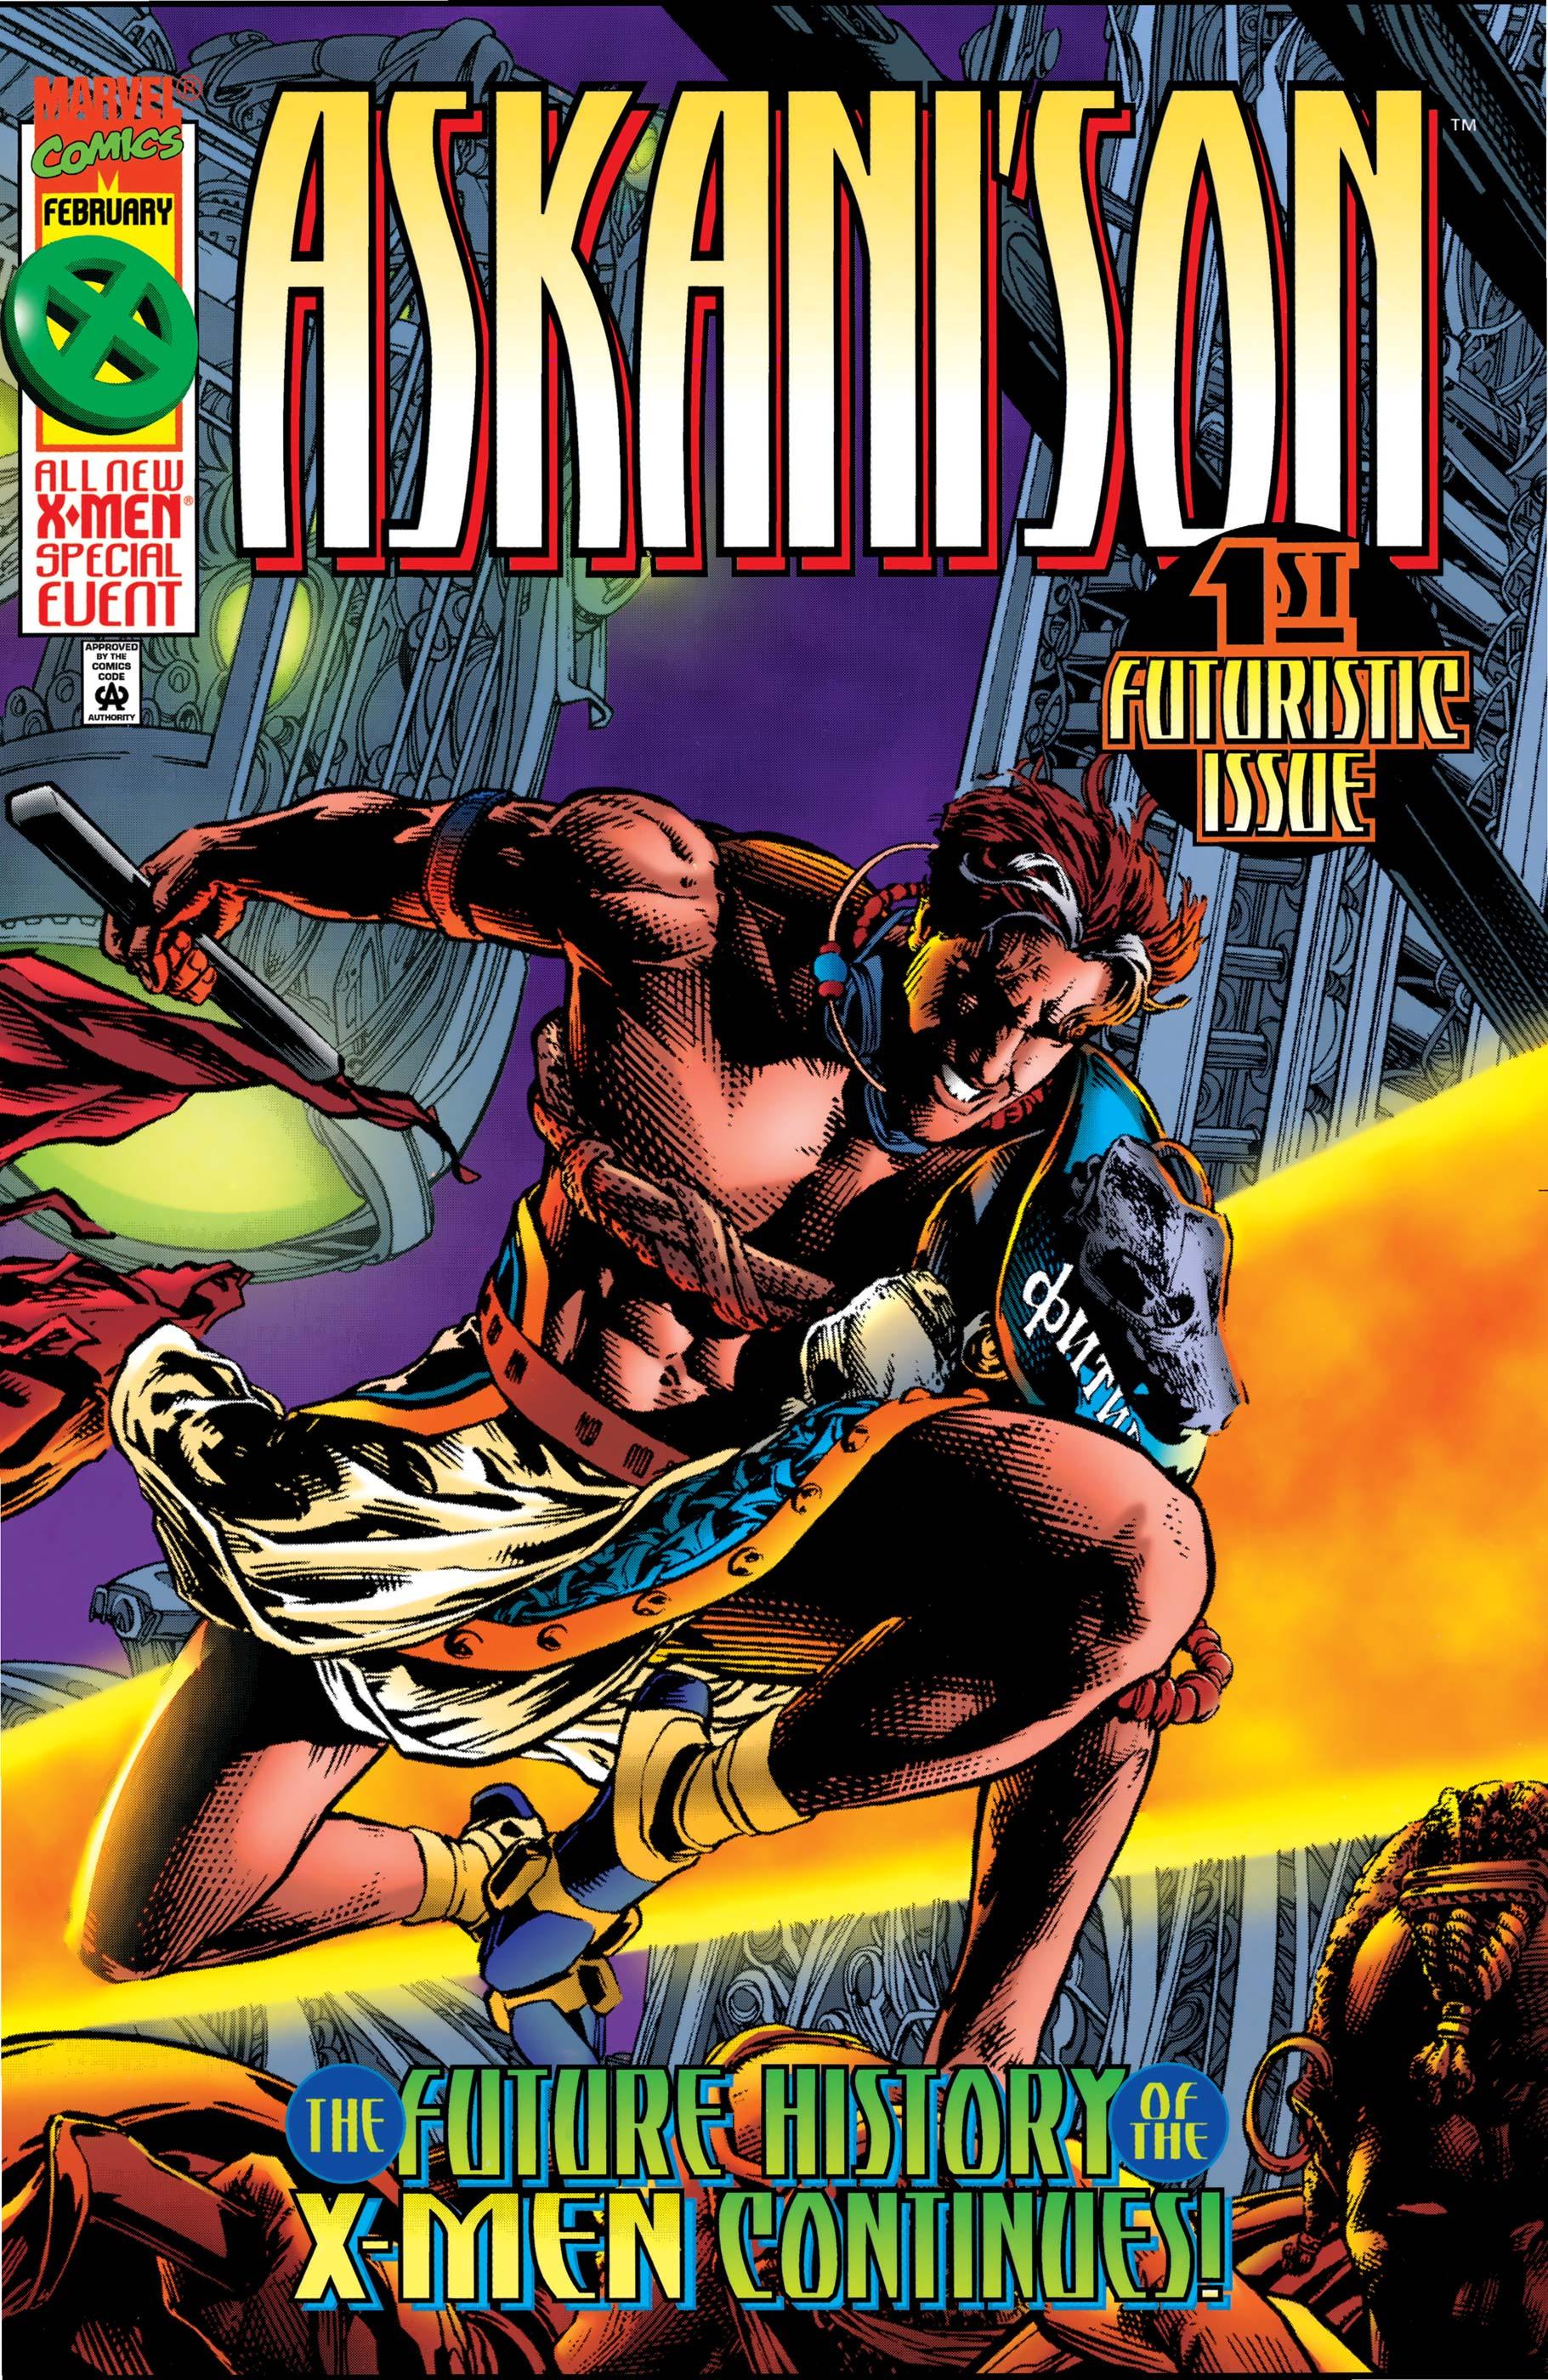 ASKANI'SON (1996) #1